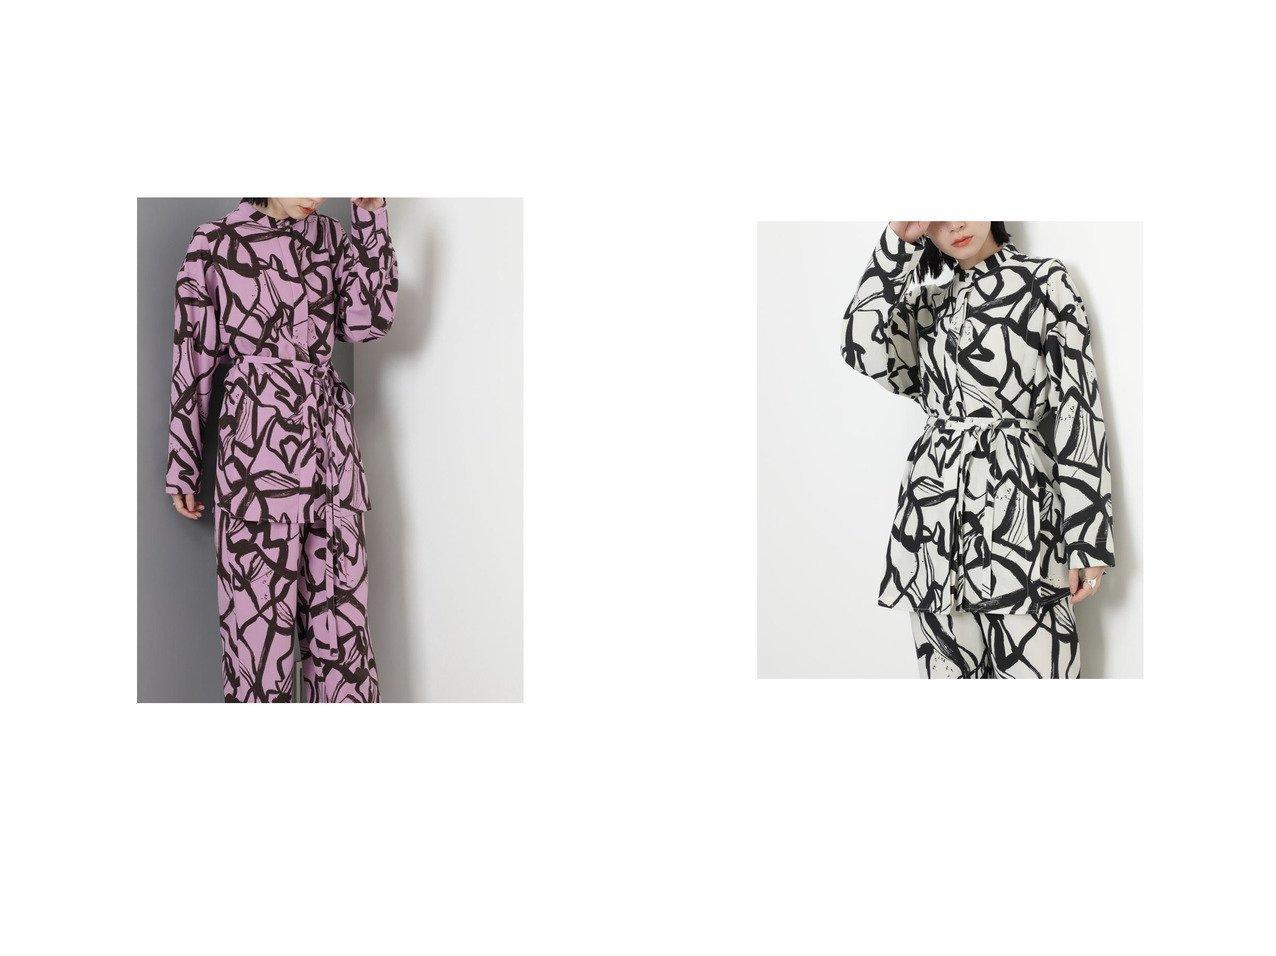 【ROSE BUD/ローズバッド】のバンドカラーシャツ 【トップス・カットソー】おすすめ!人気、トレンド・レディースファッションの通販 おすすめで人気の流行・トレンド、ファッションの通販商品 インテリア・家具・メンズファッション・キッズファッション・レディースファッション・服の通販 founy(ファニー) https://founy.com/ ファッション Fashion レディースファッション WOMEN トップス・カットソー Tops/Tshirt シャツ/ブラウス Shirts/Blouses 2021年 2021 2021-2022秋冬・A/W AW・Autumn/Winter・FW・Fall-Winter・2021-2022 A/W・秋冬 AW・Autumn/Winter・FW・Fall-Winter おすすめ Recommend カフス スリット セットアップ チュニック プリント |ID:crp329100000070921